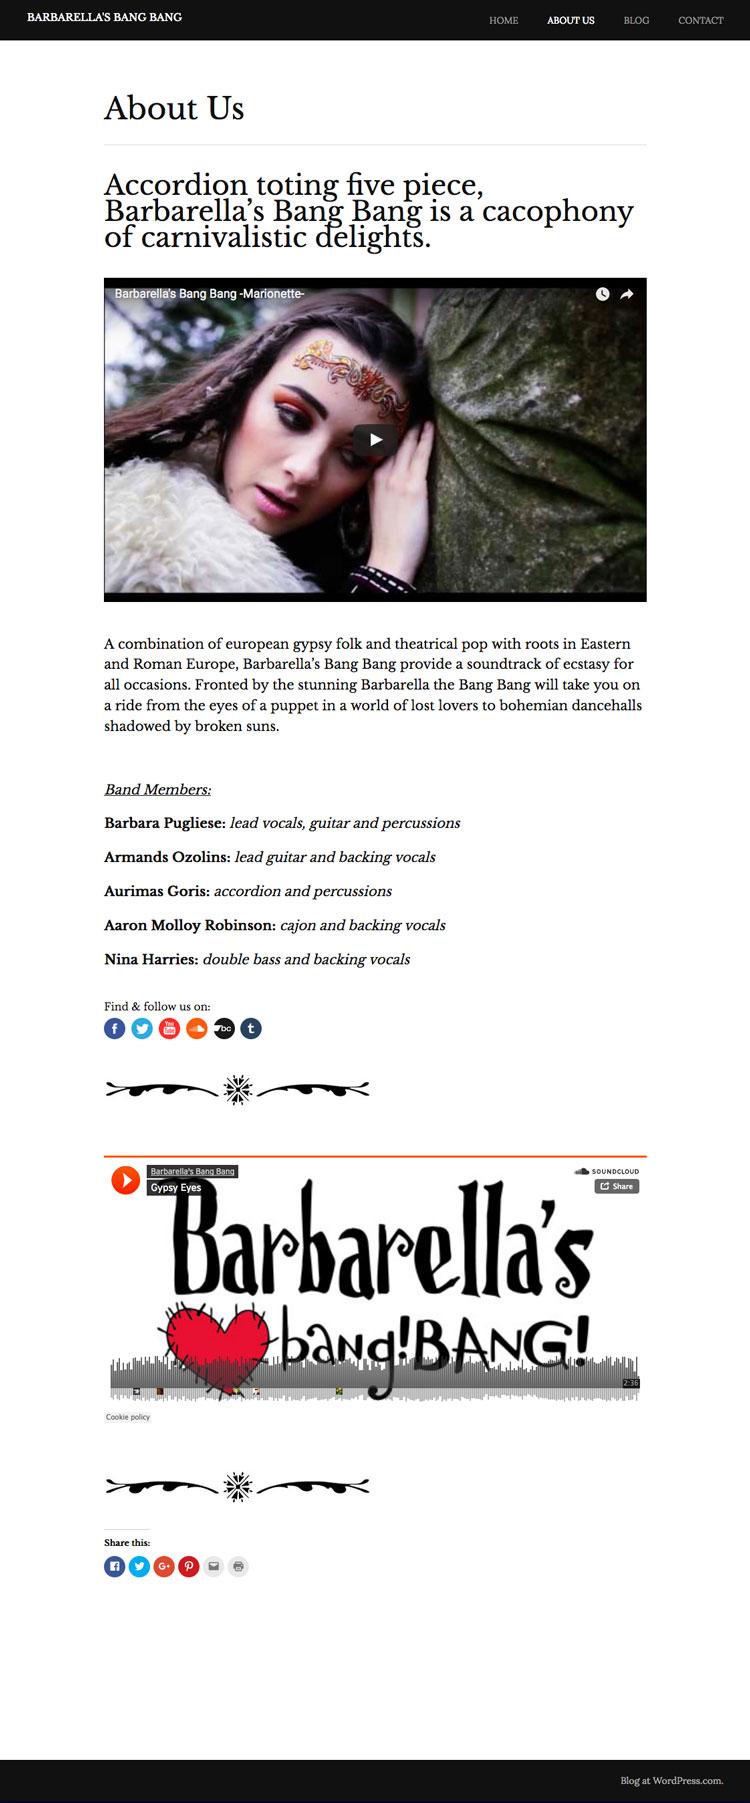 barbarellasbangbang-about